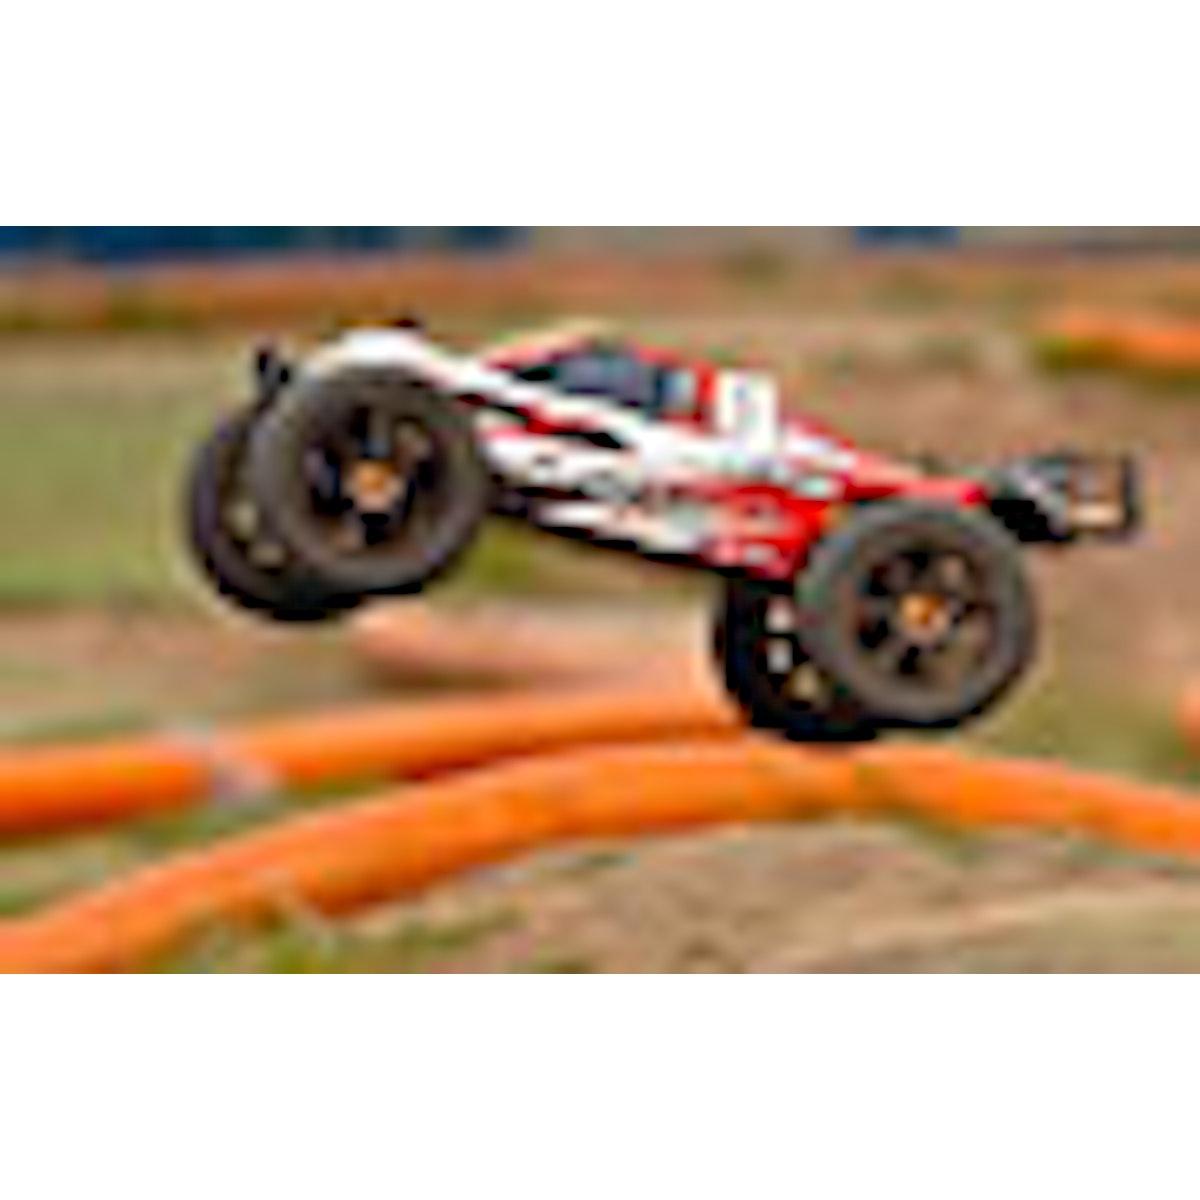 rc cars racing -